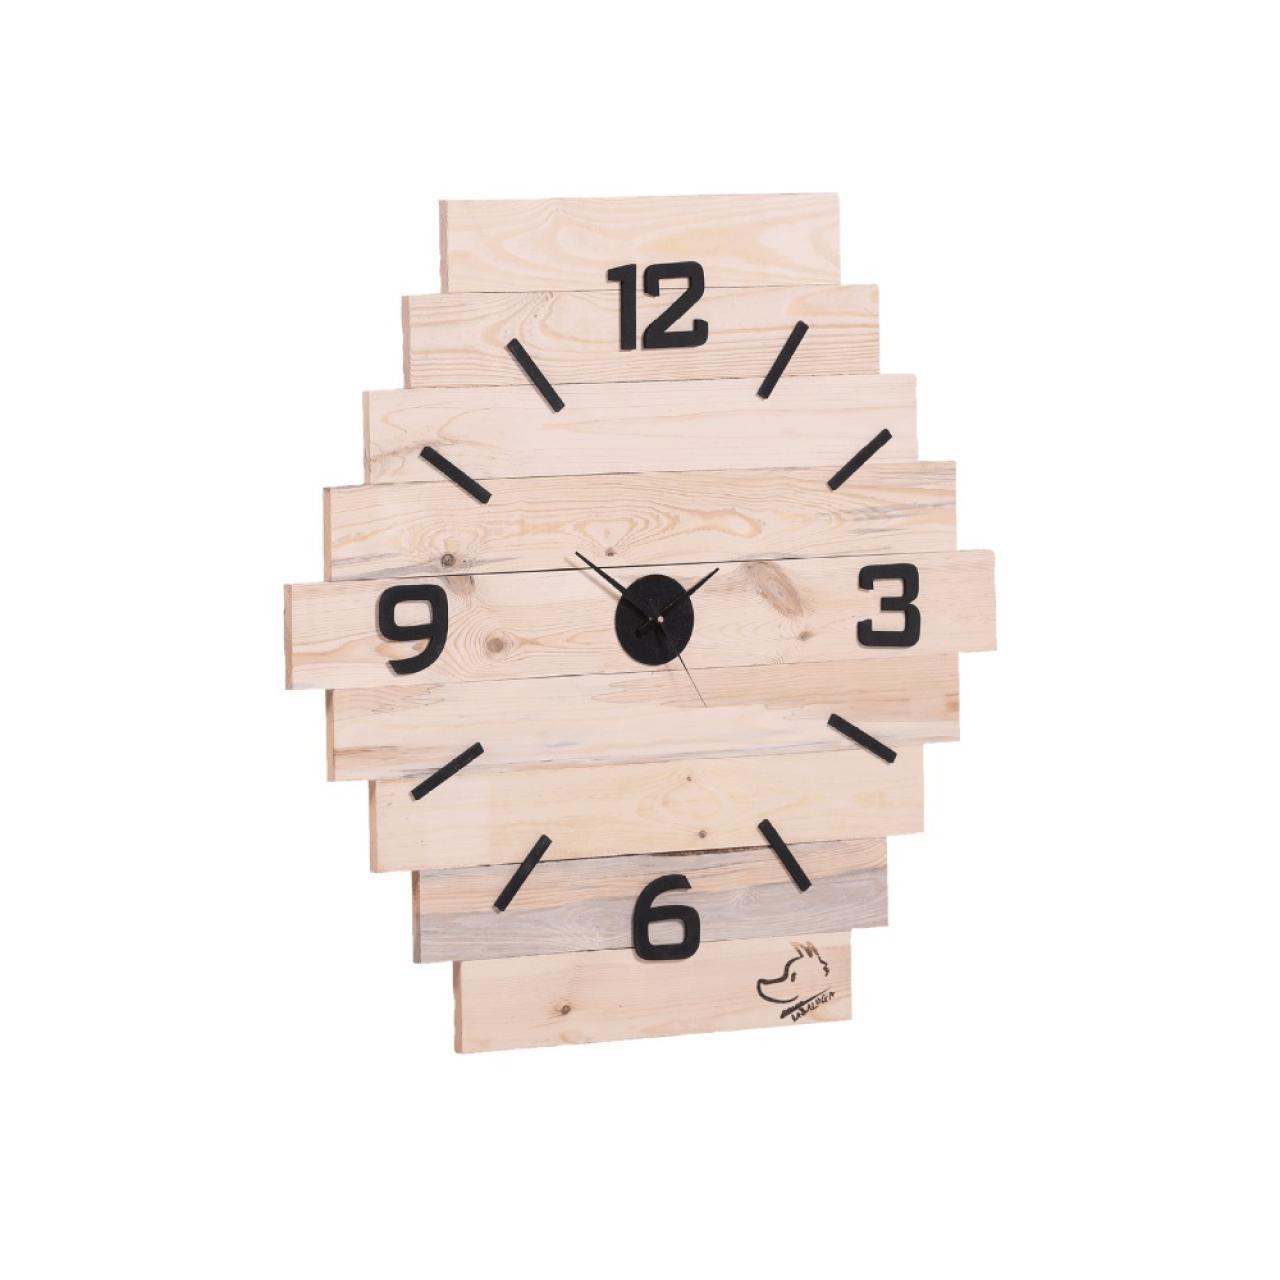 Uhr Tabaluga - Palettenholz